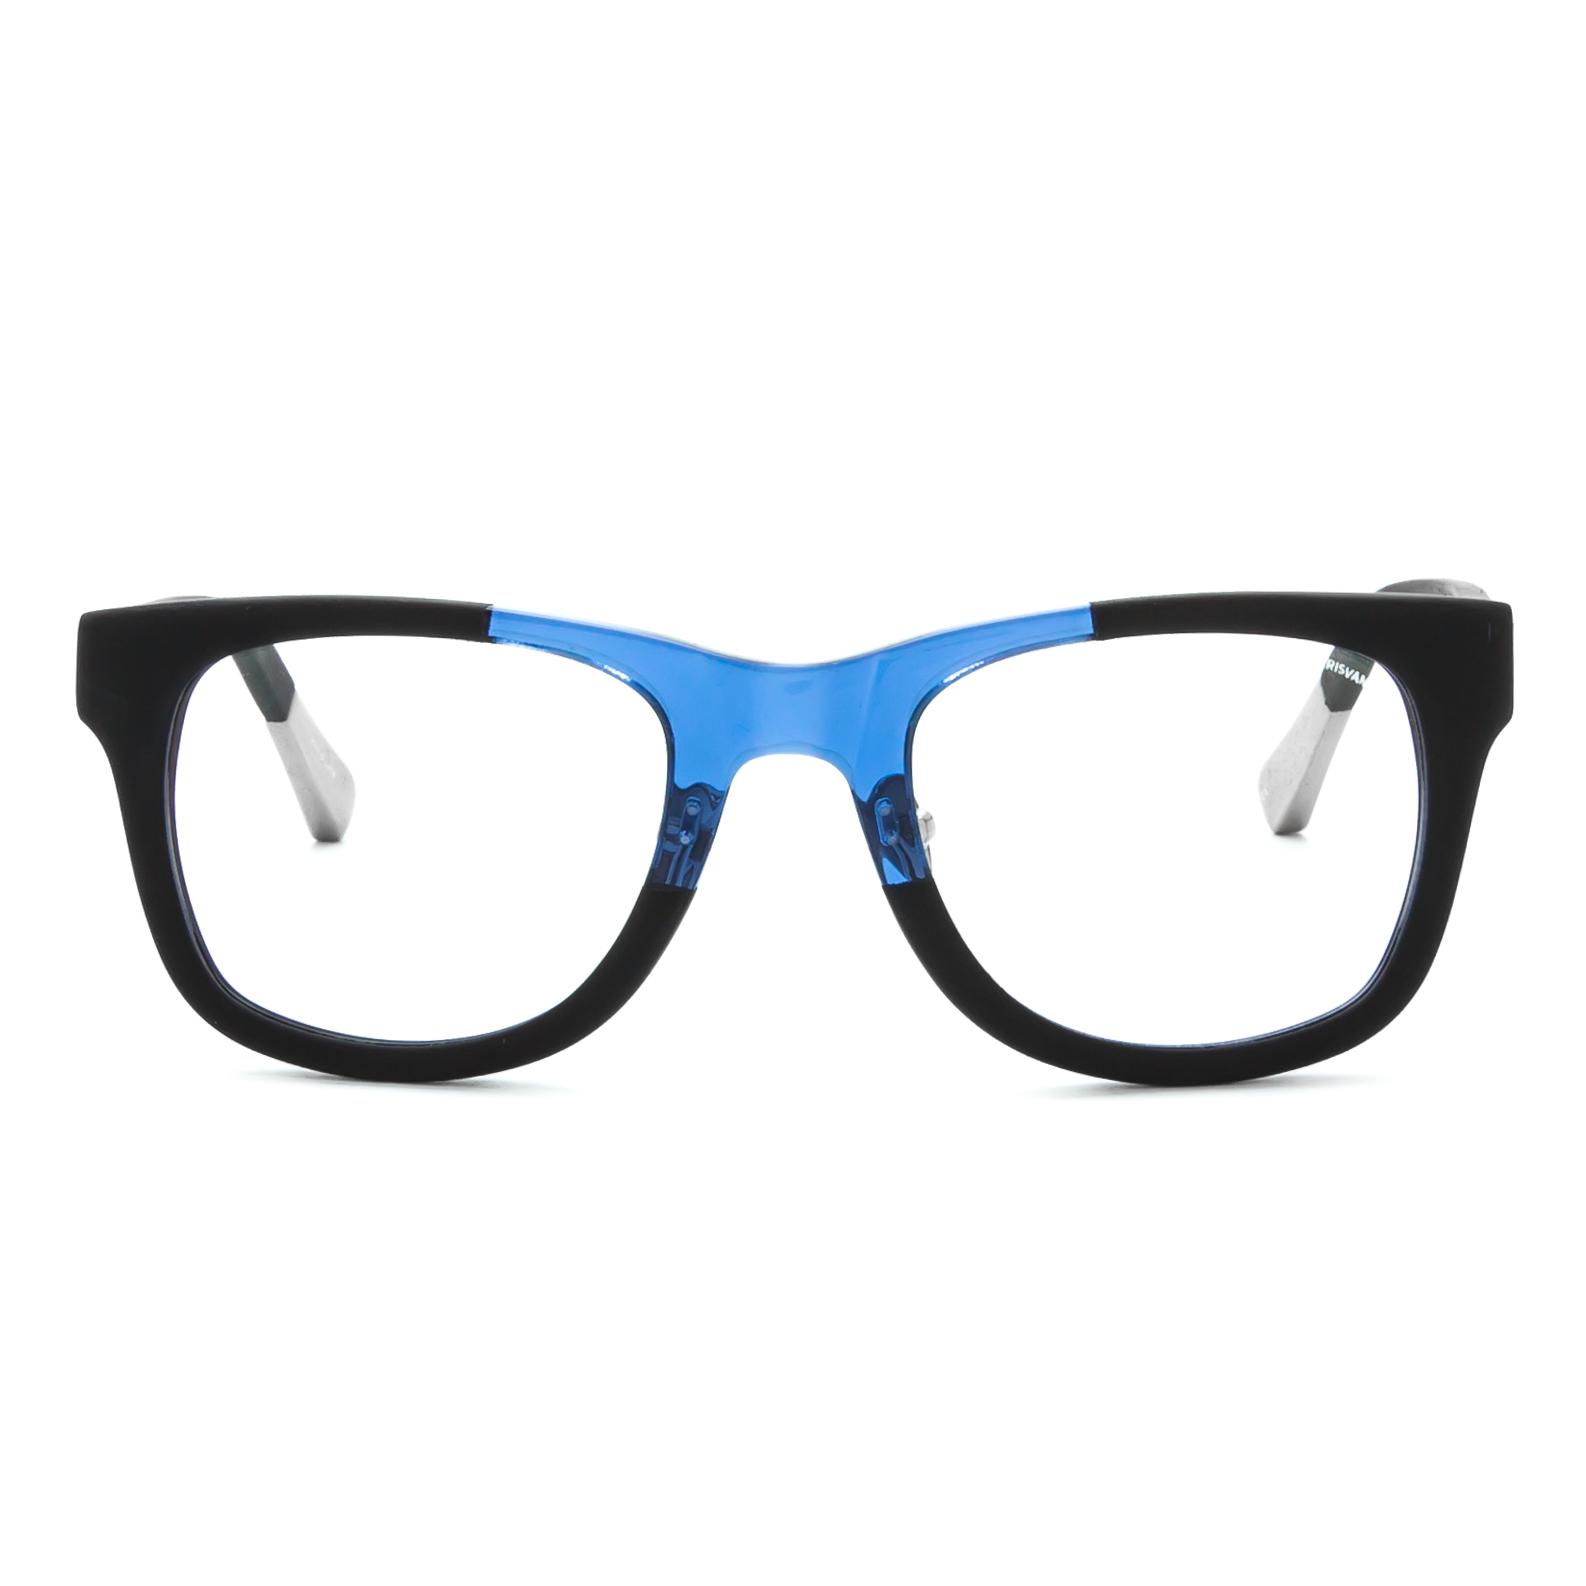 Linda Farrow GalleryxKris Van Assche KVA 37 Eyeglasses ...